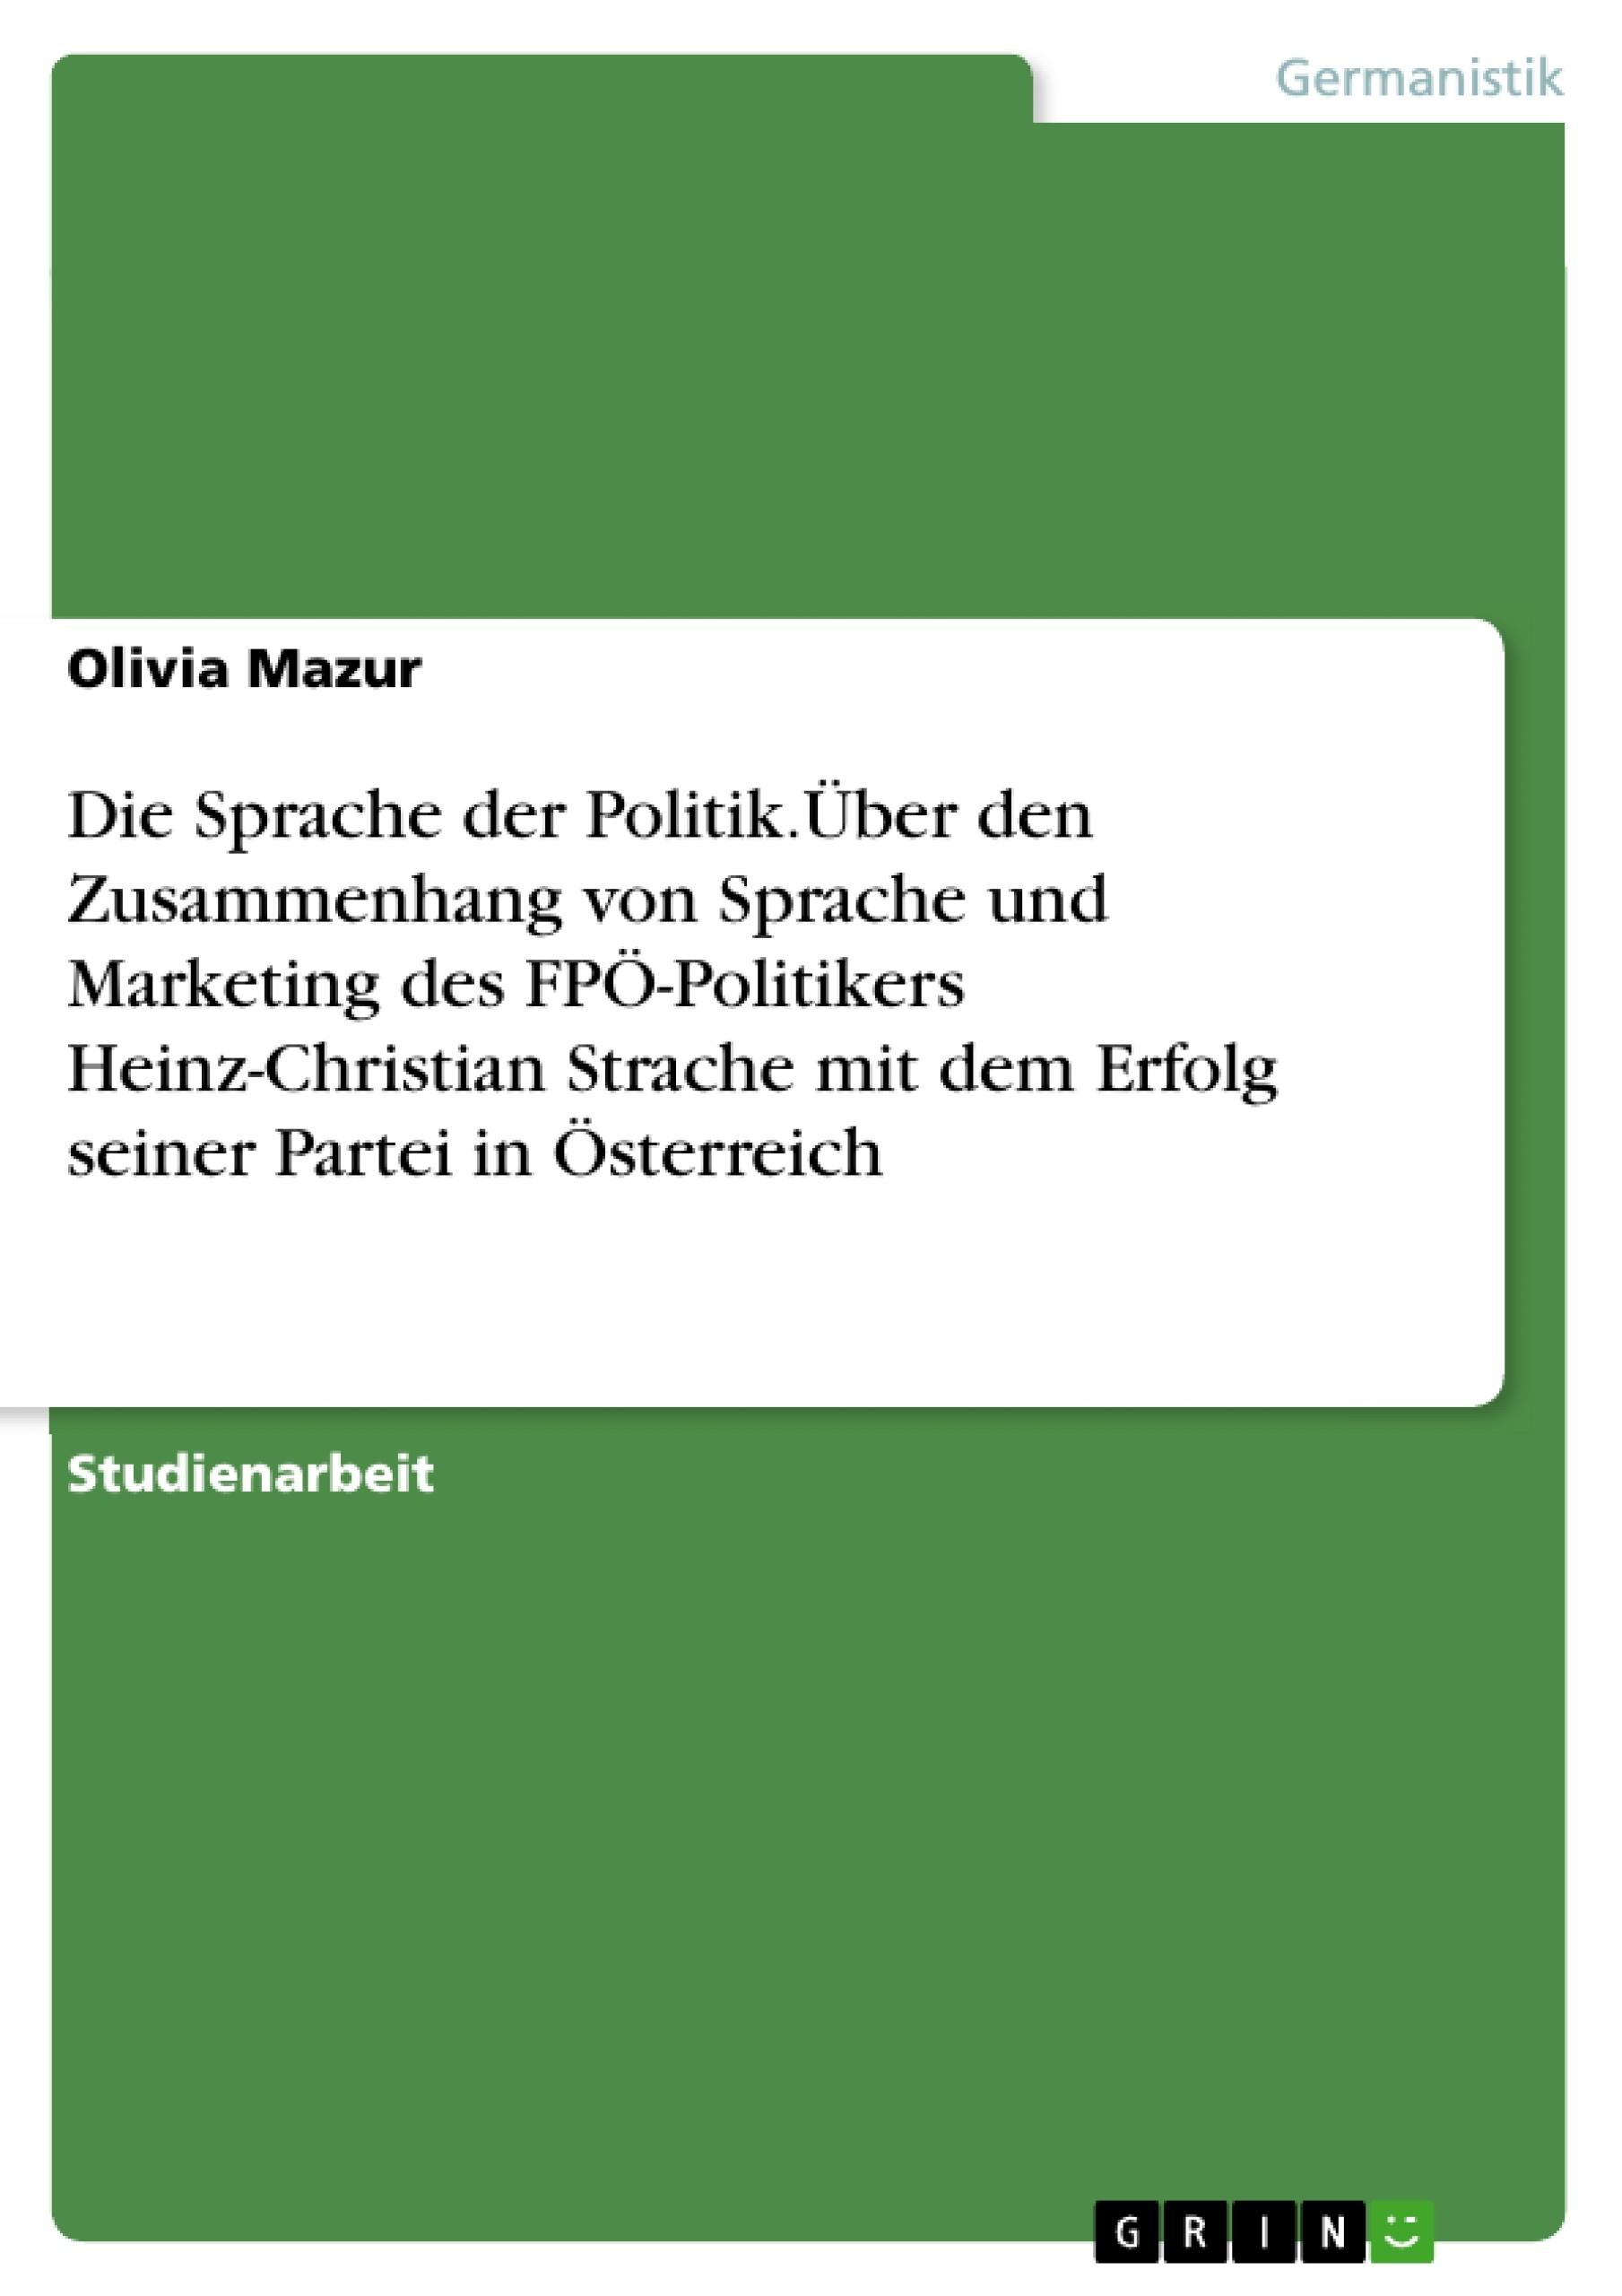 Titel: Die Sprache der Politik.Über den Zusammenhang von Sprache und Marketing des FPÖ-Politikers Heinz-Christian Strache mit dem Erfolg seiner Partei in Österreich